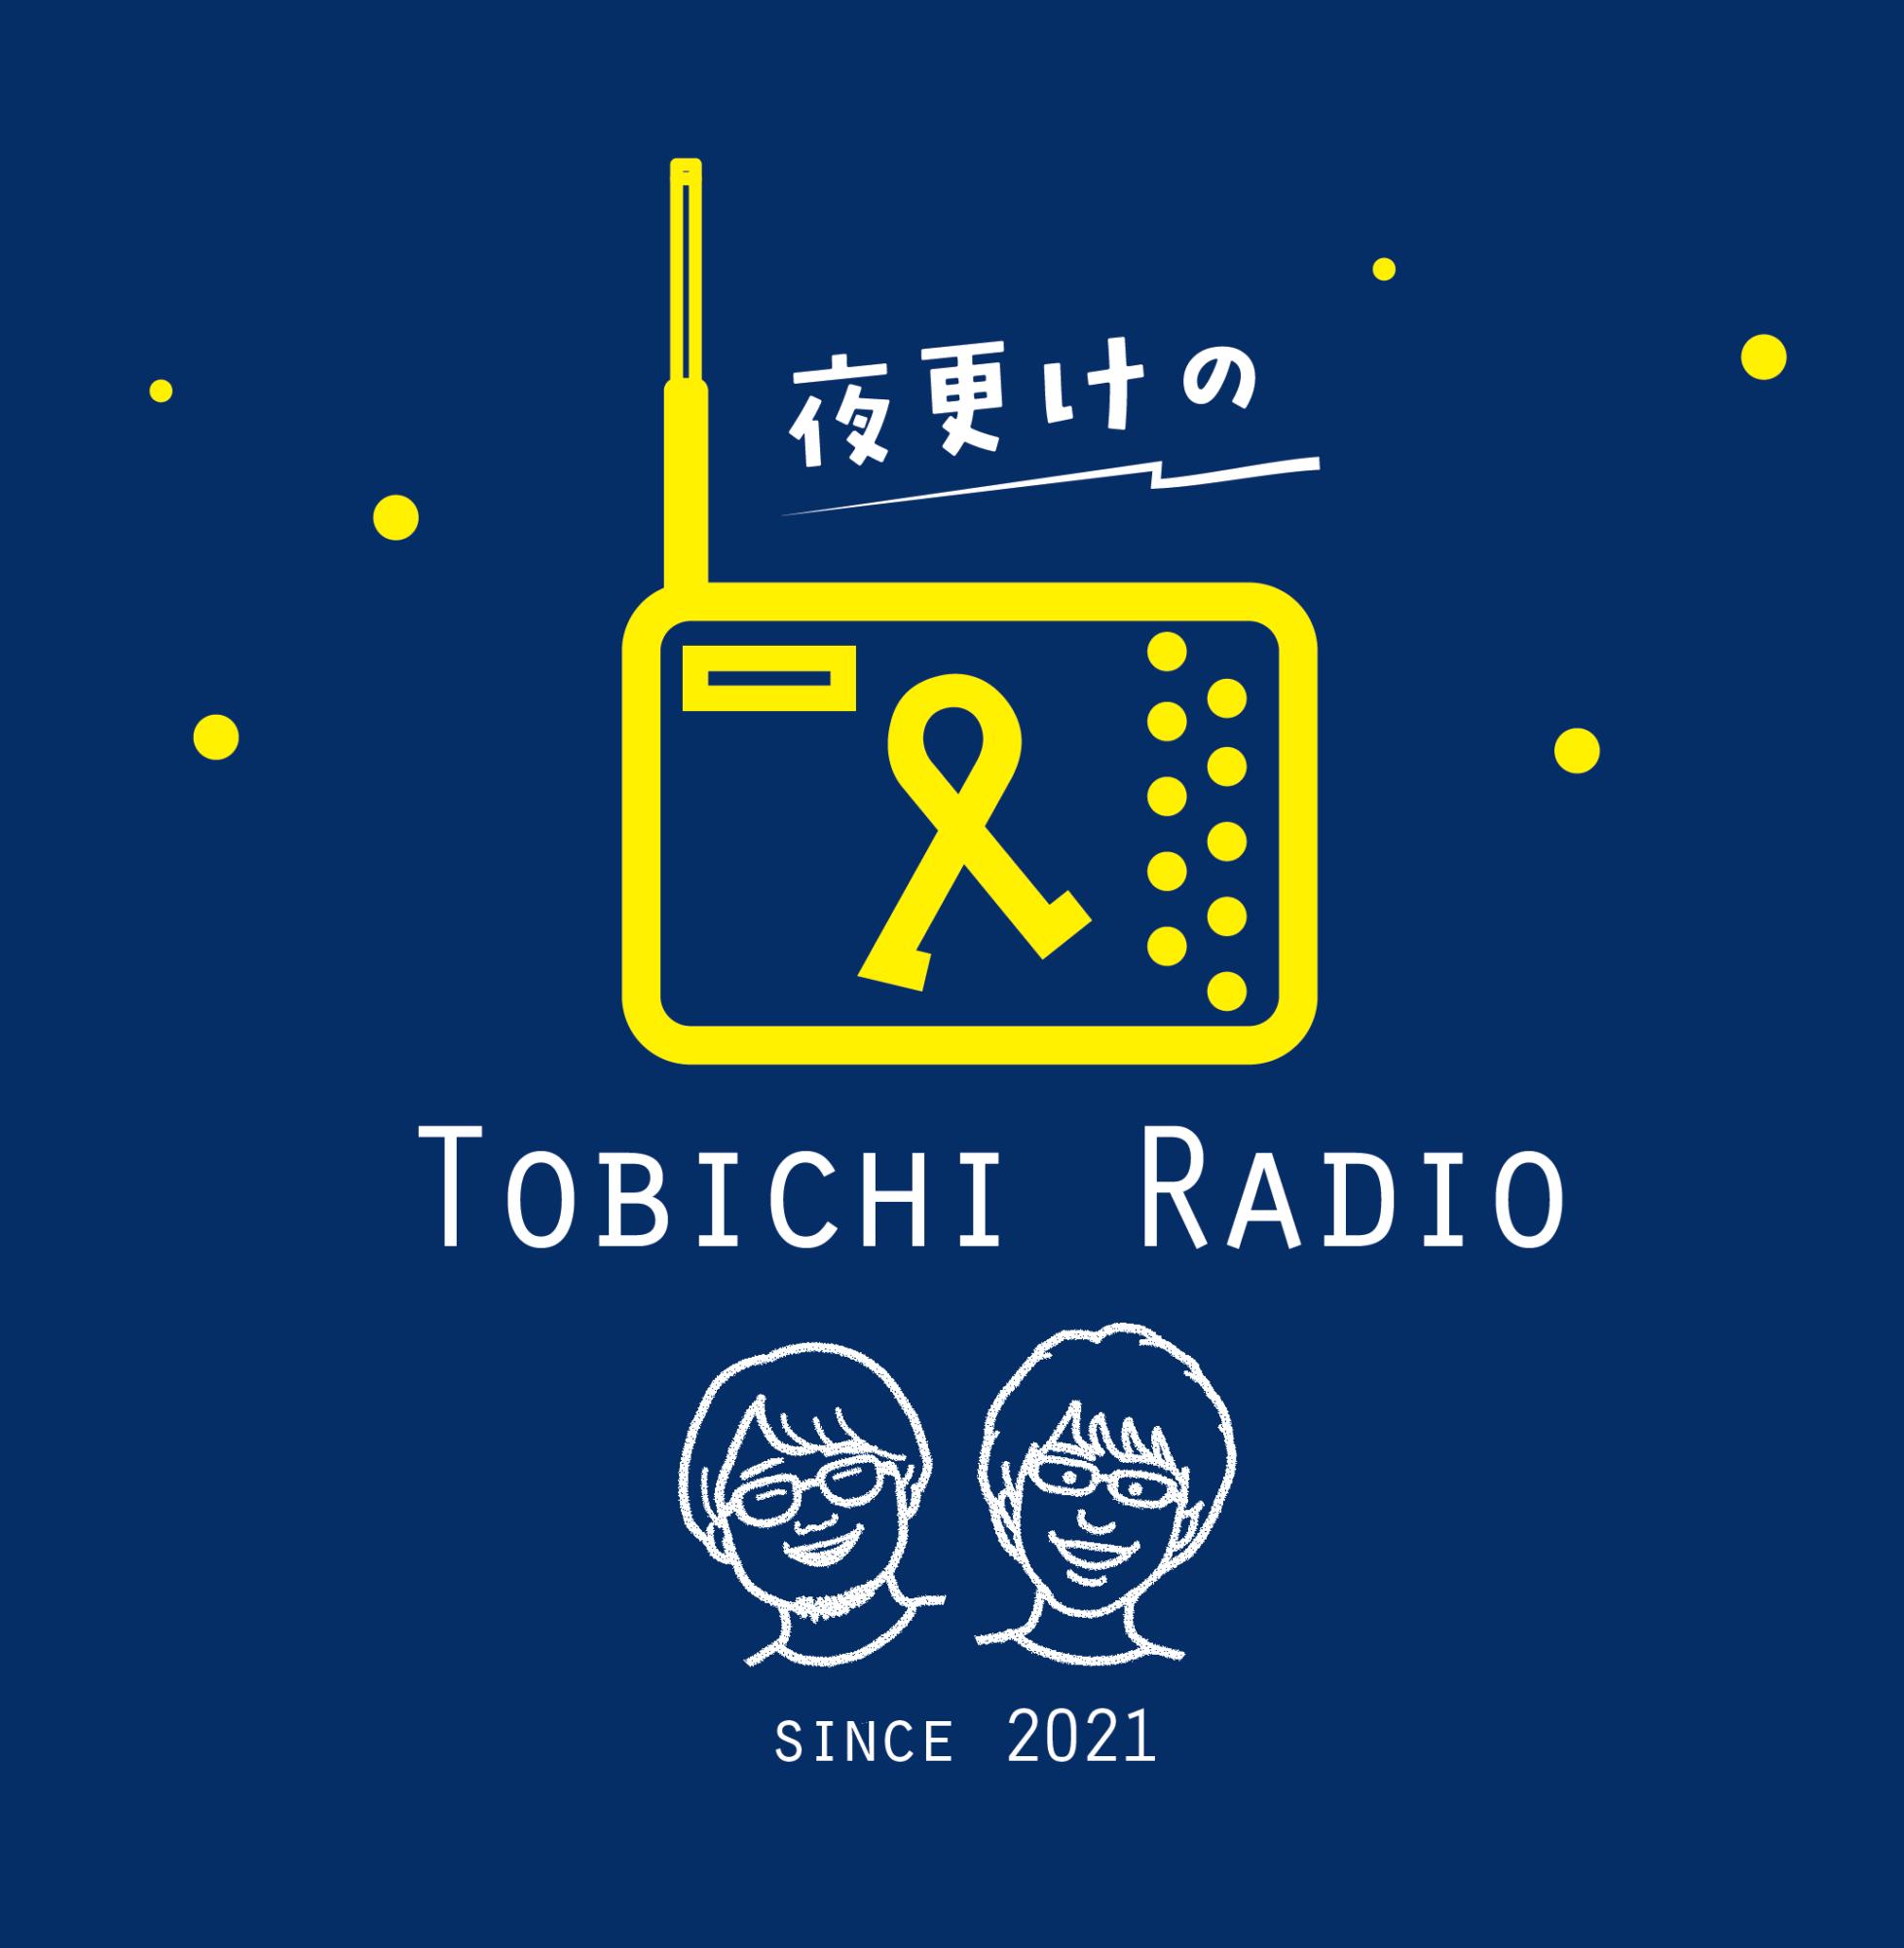 「夜更けのトビチラジオ」始まりました!byまちの放送室